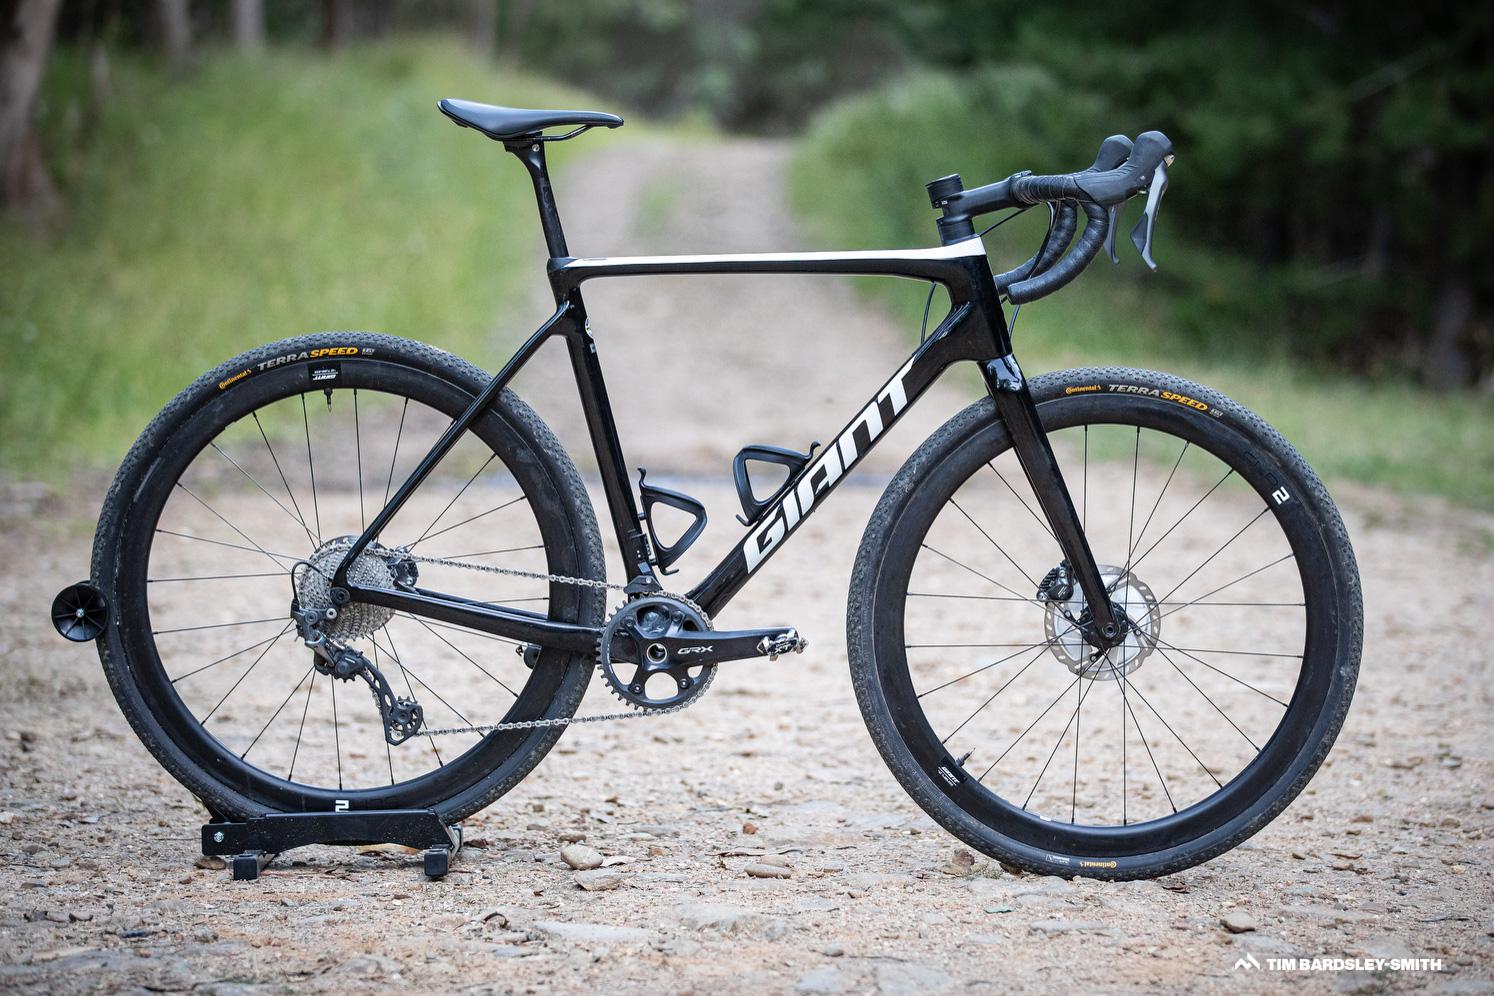 2021 Giant TCX Advanced Pro review: CX meets gravel?